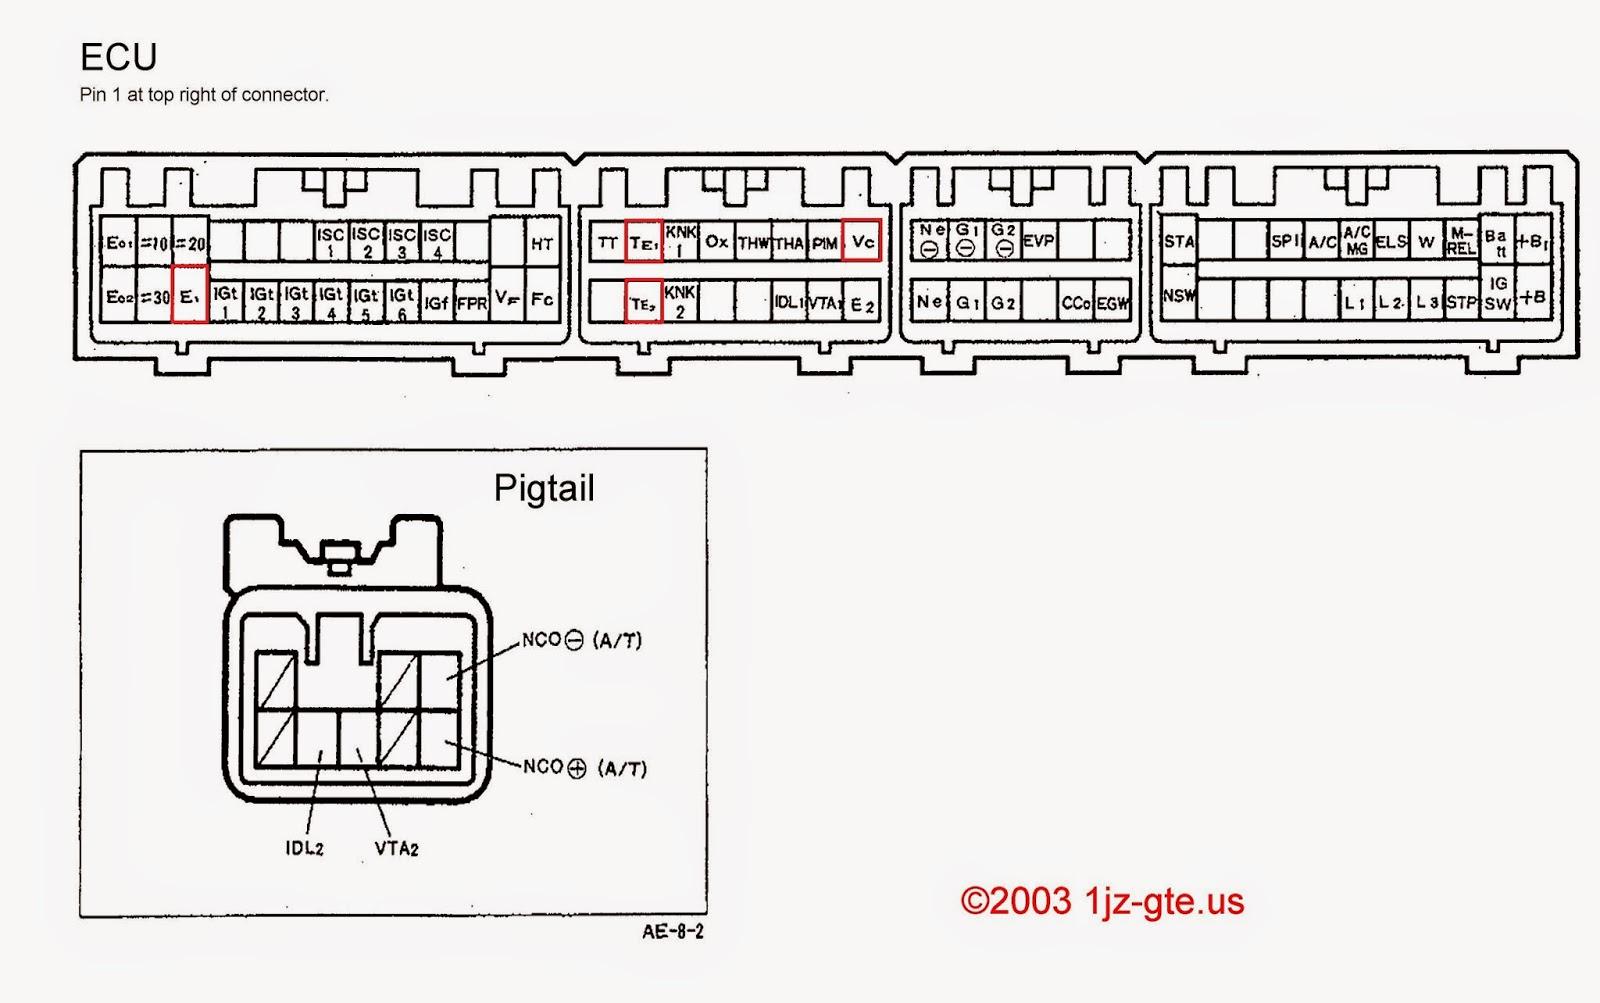 hyundai accent ecu wiring diagram face pressure points a few 1jz gte pinouts toyota